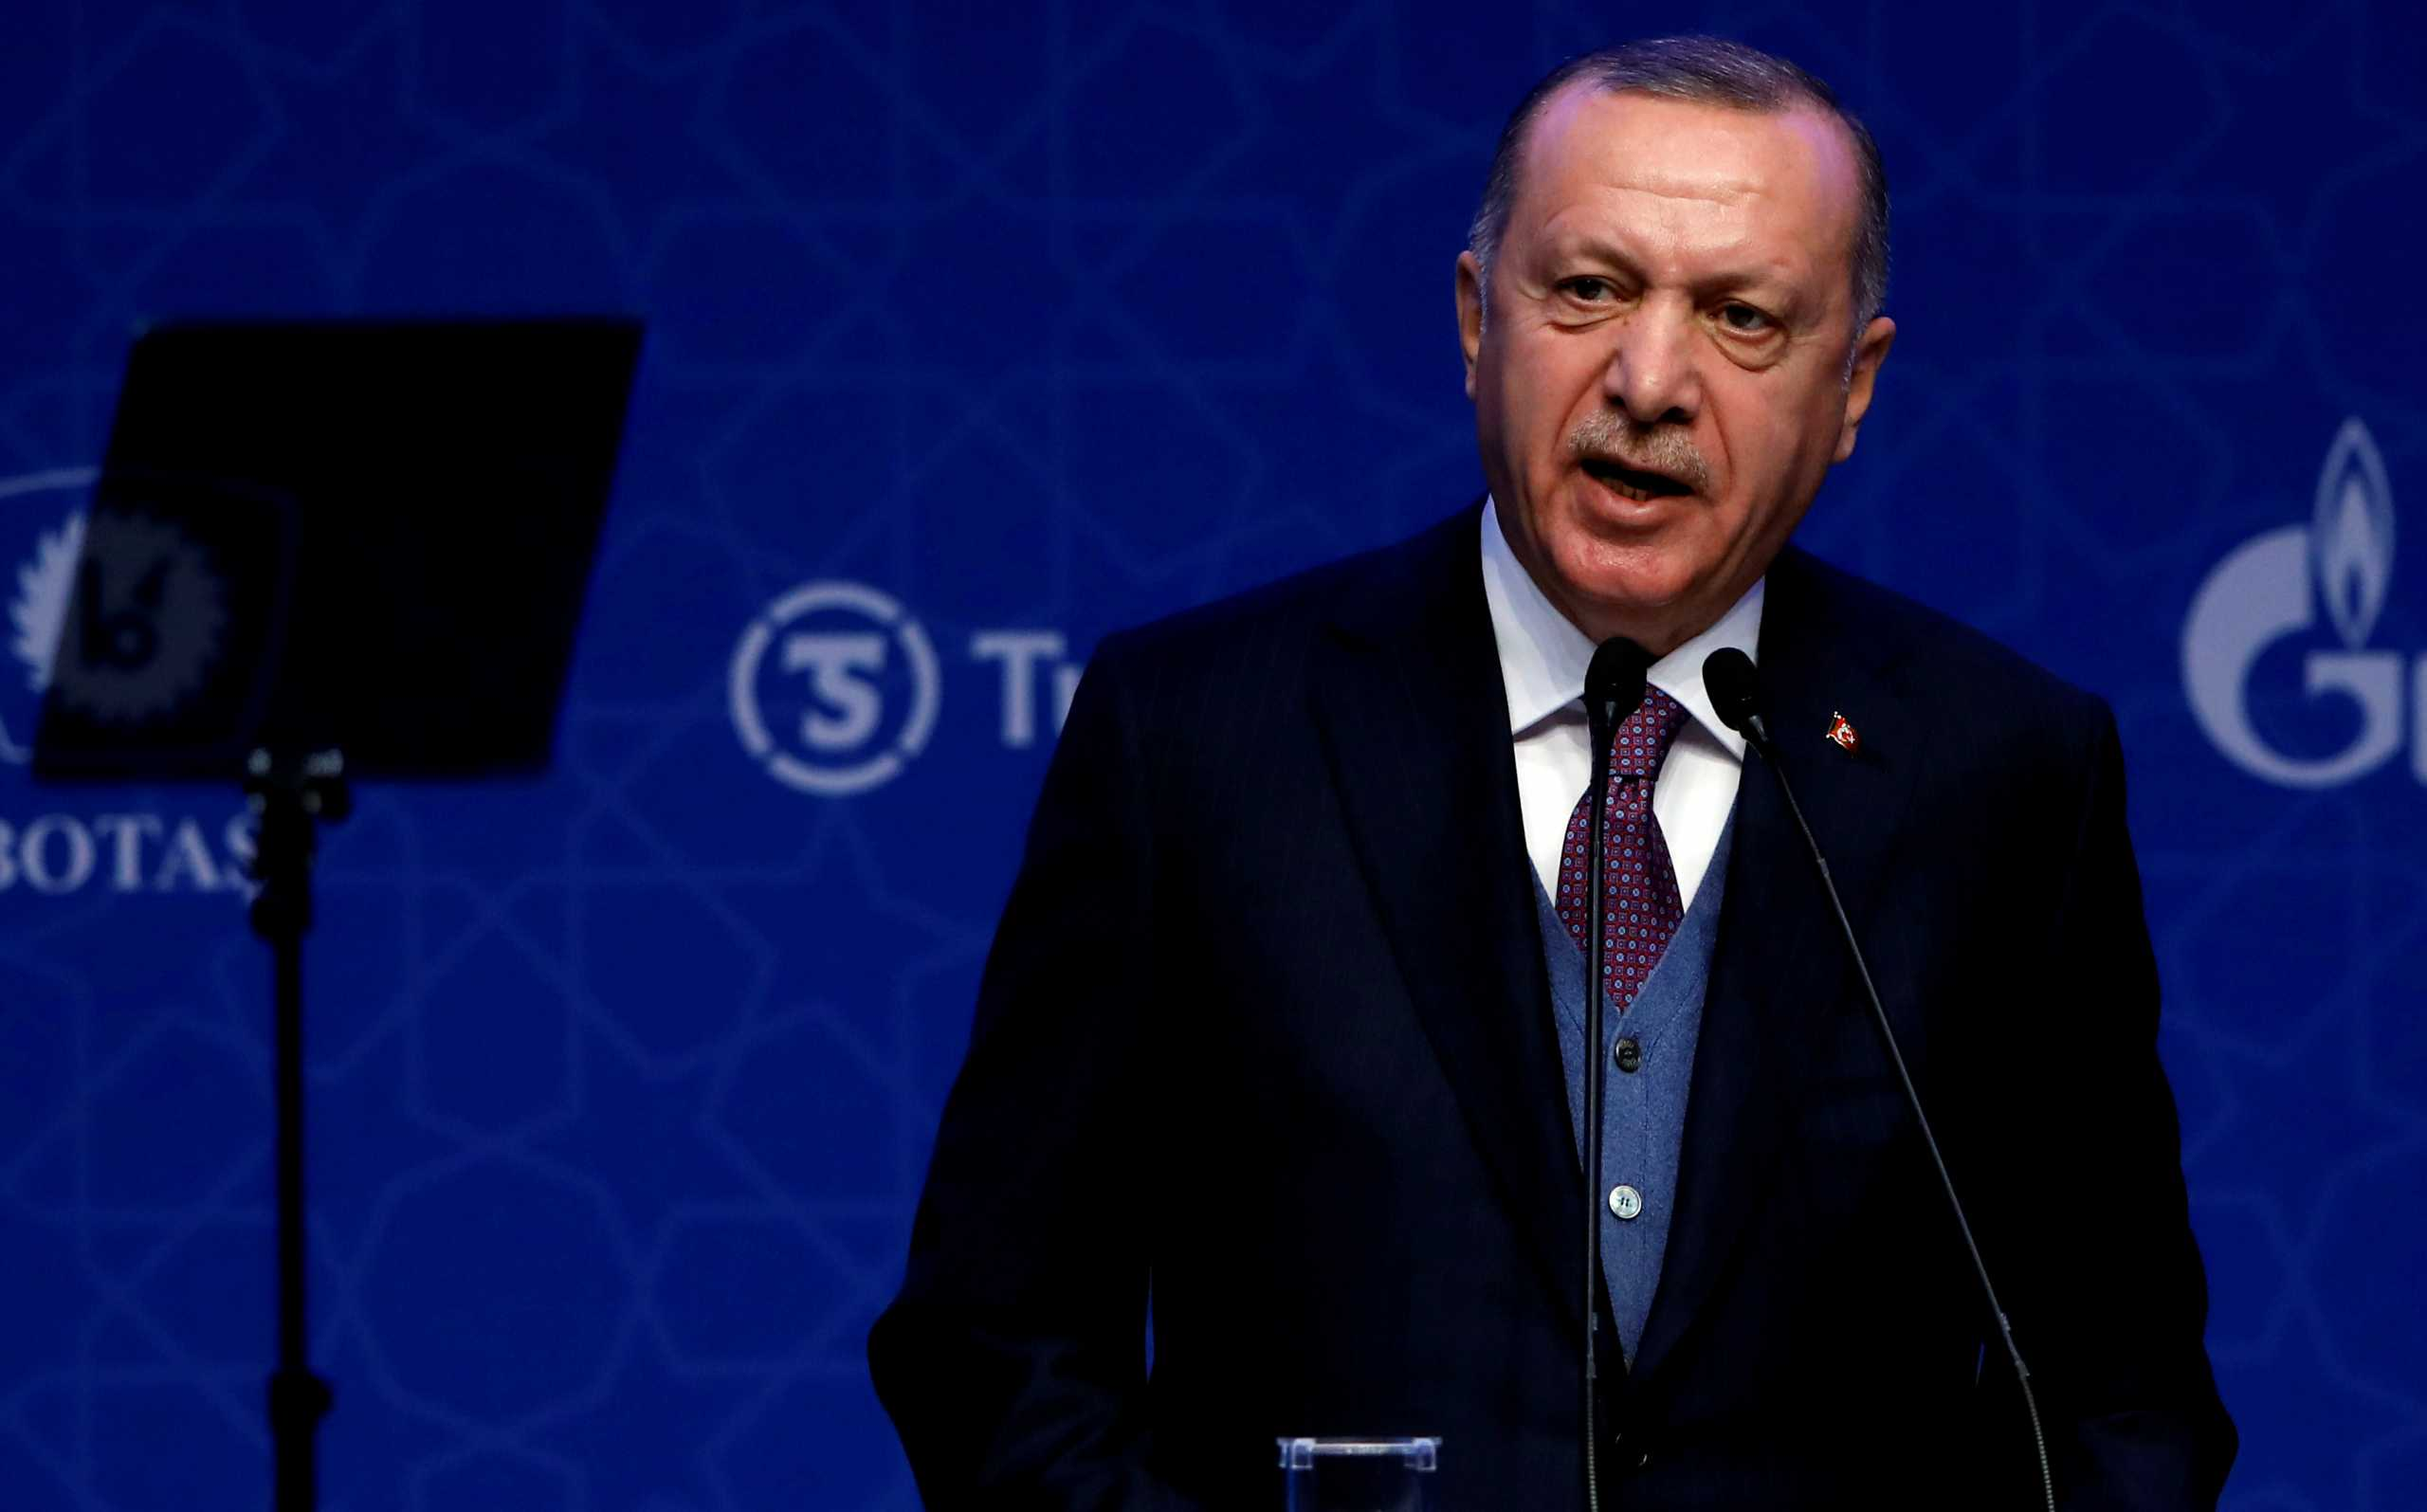 Τσενγκίζ Ακτάρ: «Θηλιά» η οικονομία για τον Ερντογάν, μπορεί να φέρει το πολιτικό του τέλος (video)